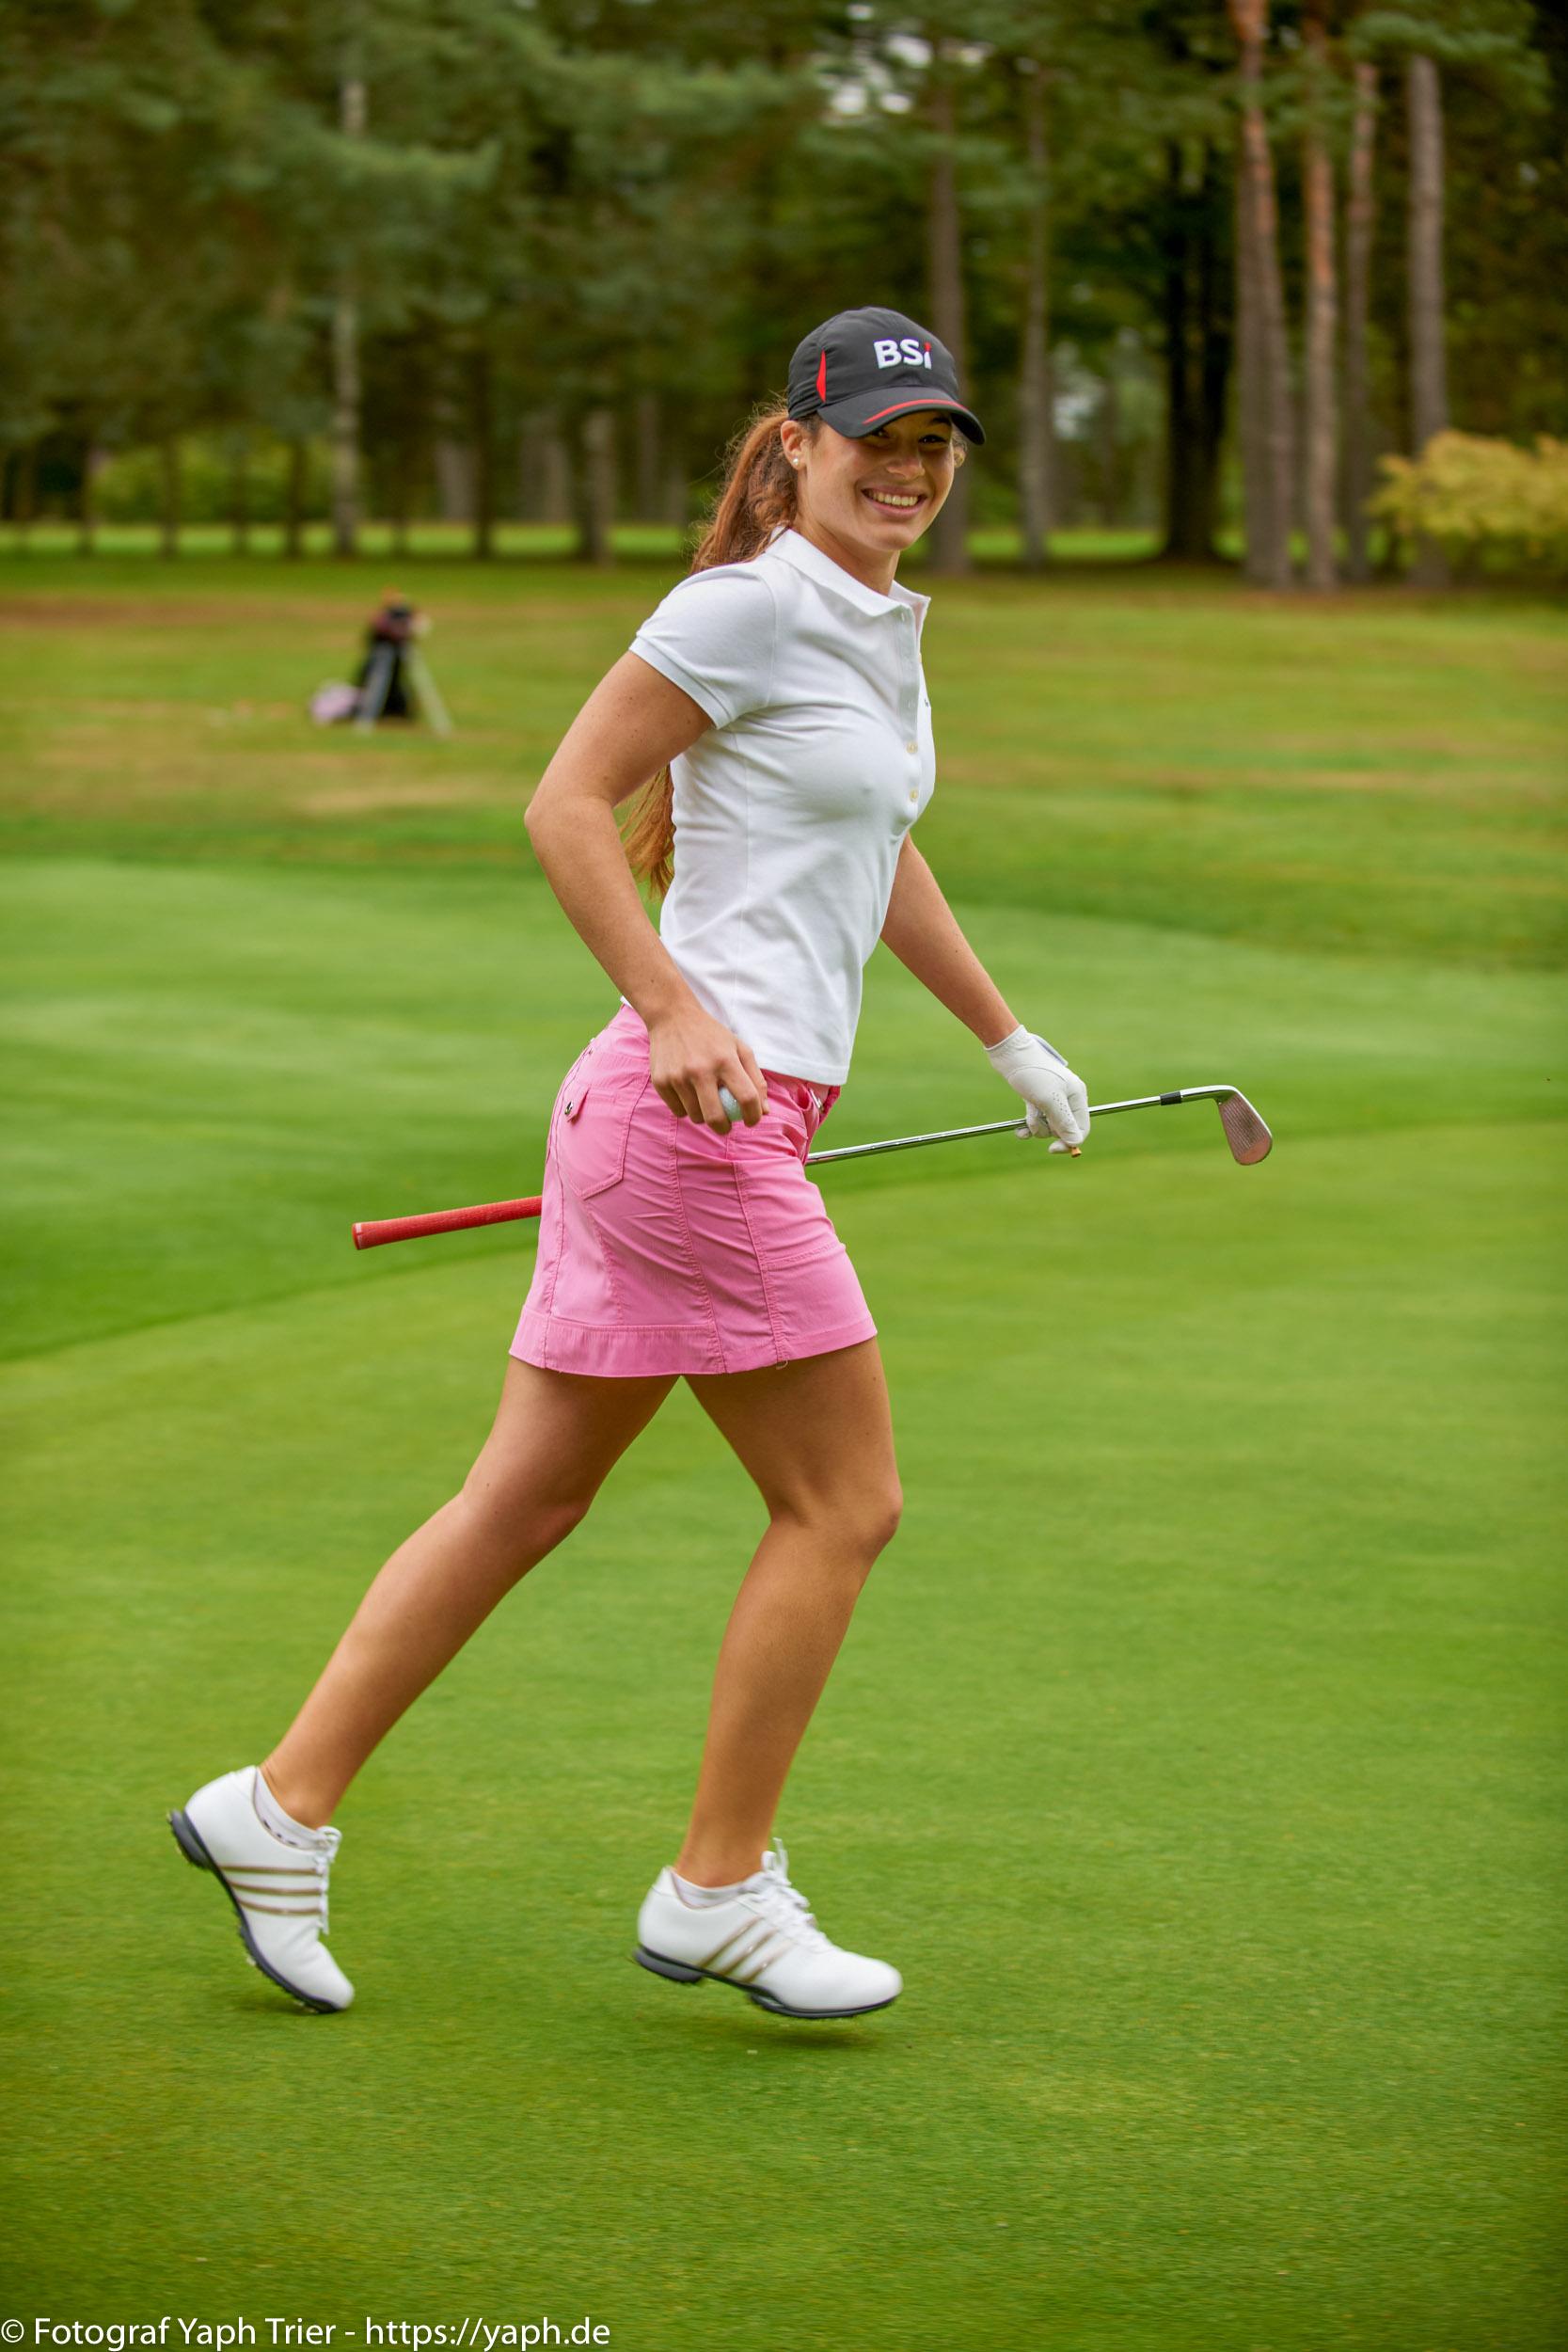 Liebelei Elena Lawrence - luxemburger Golfspielerin bei Fotograf Yaph - 24